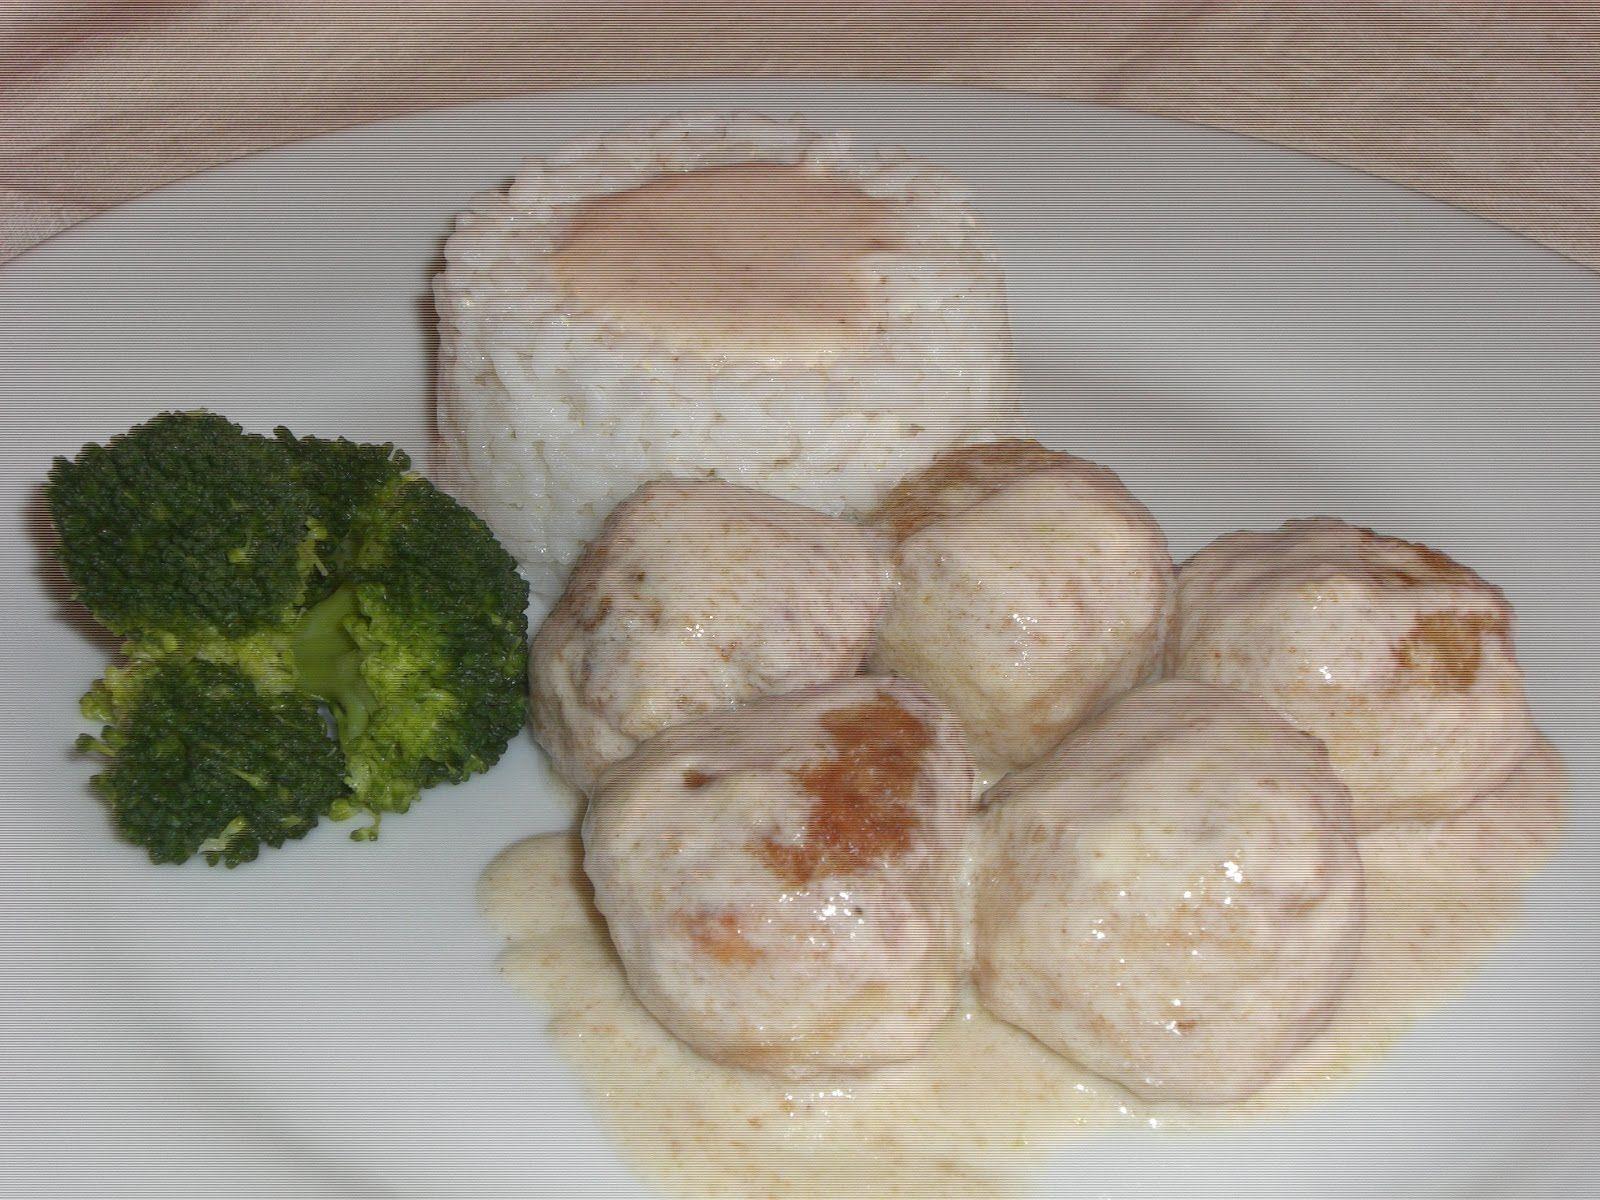 Alb ndigas de pollo en salsa de queso utilizando thermomix cocina f cil y barata thermomix - Cocina facil y saludable thermomix ...